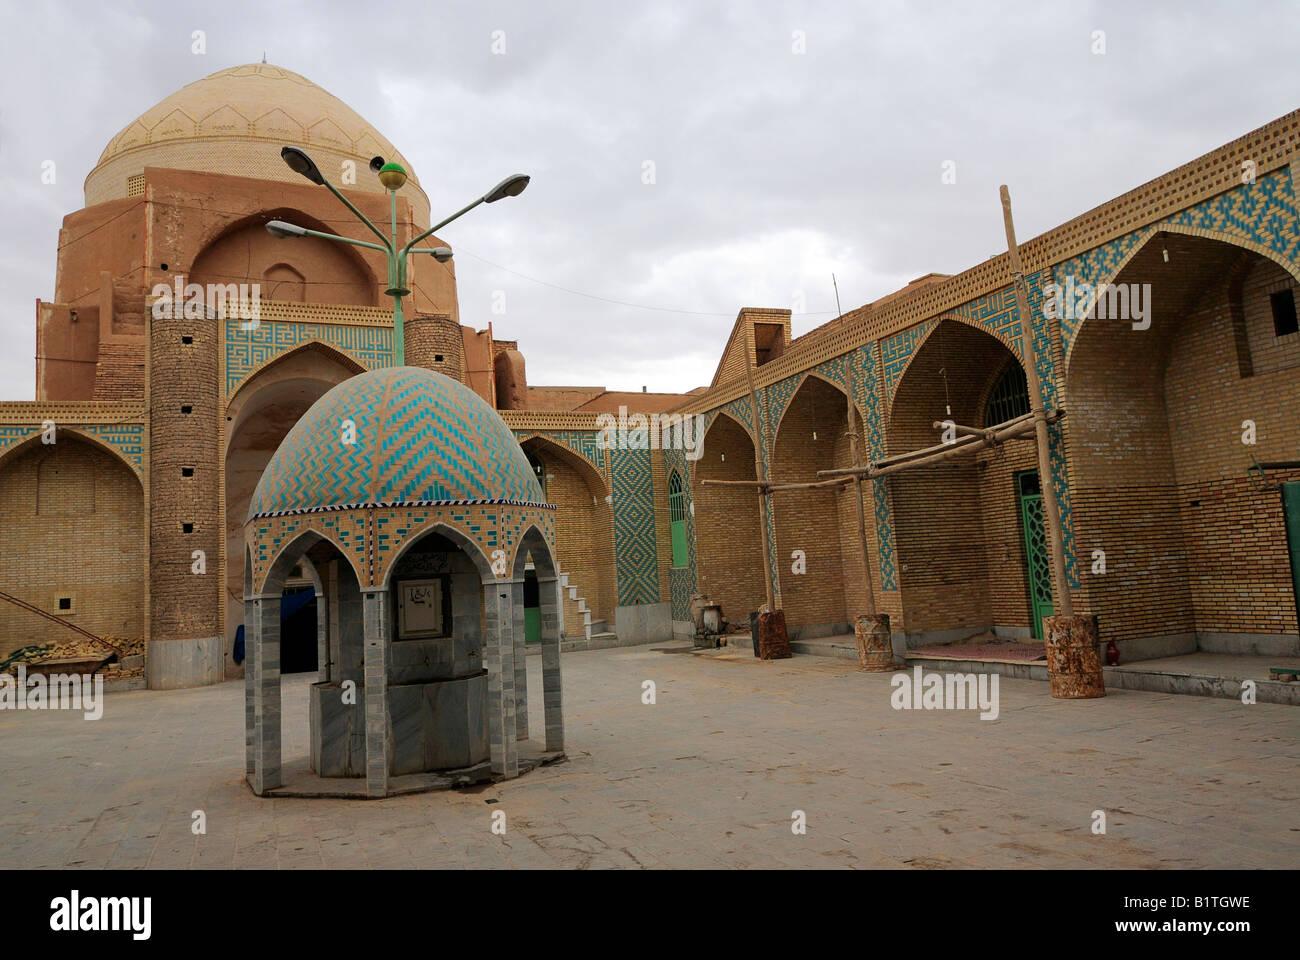 Una vista di un cortile interno a una moschea con cupola e architettonico piastrellato turchine punto di acqua in Foto Stock